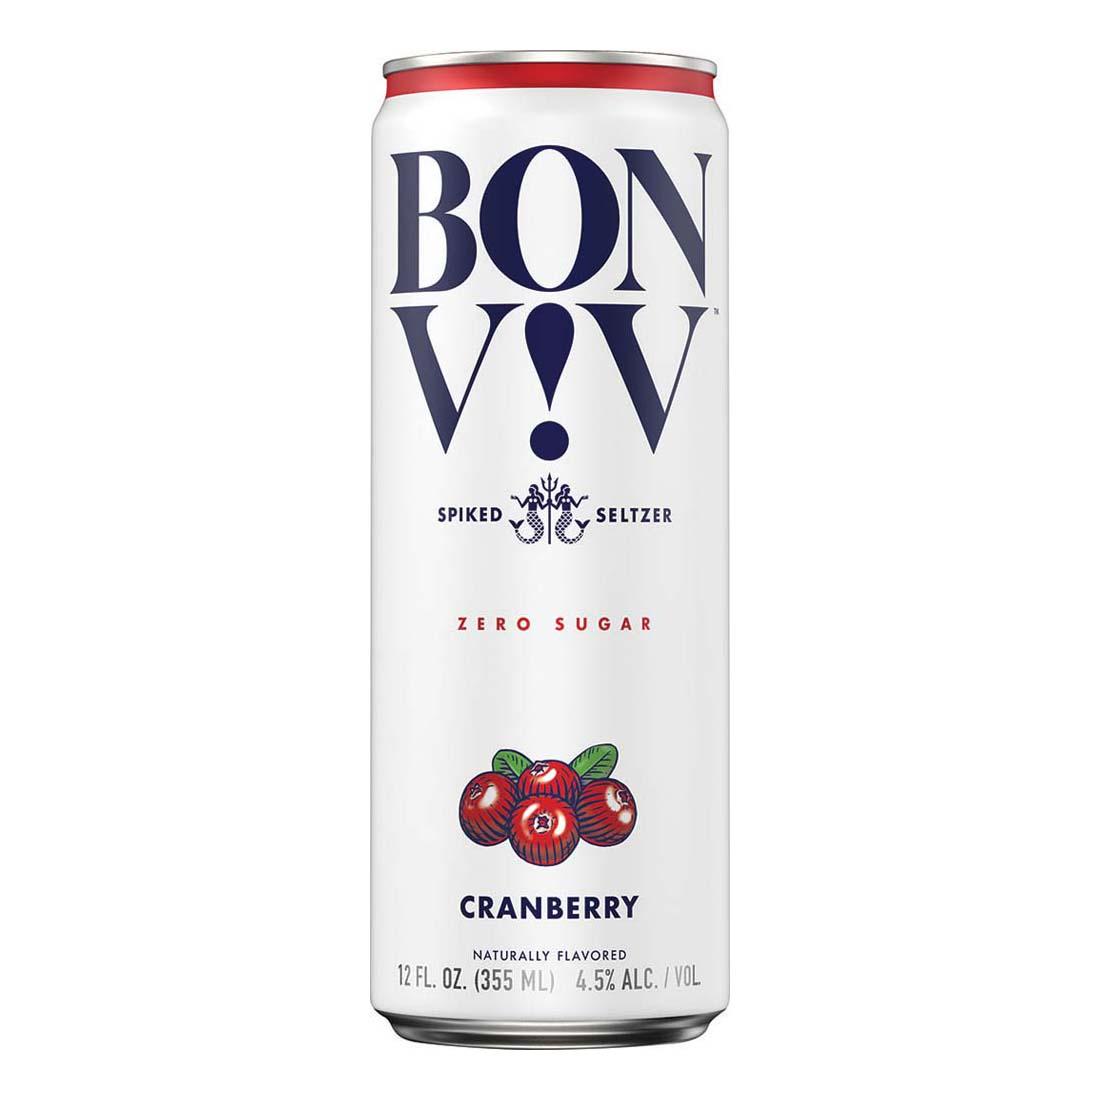 Bon & Viv Spiked Seltzer, Cranberry